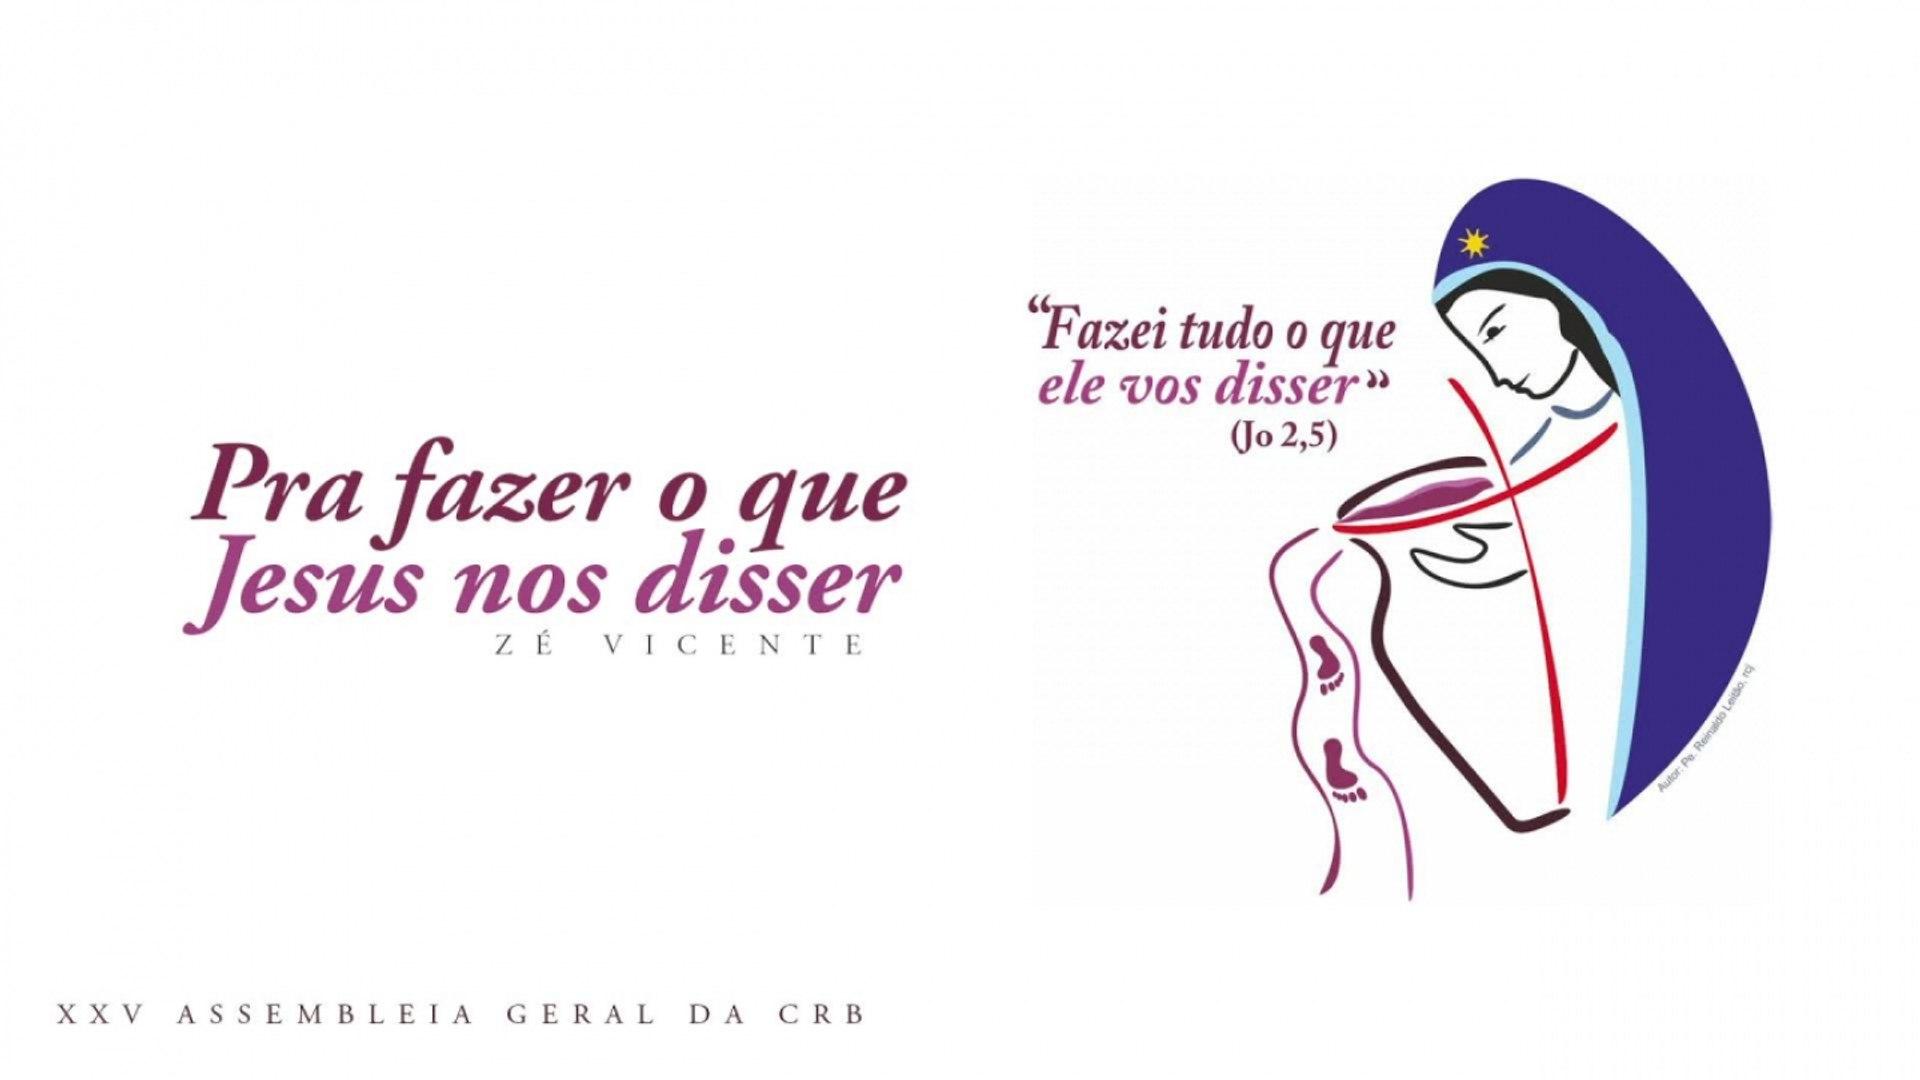 Zé Vicente - Pra fazer o que Jesus nos disser - (Hino AGE CRB 2019 - Playback)